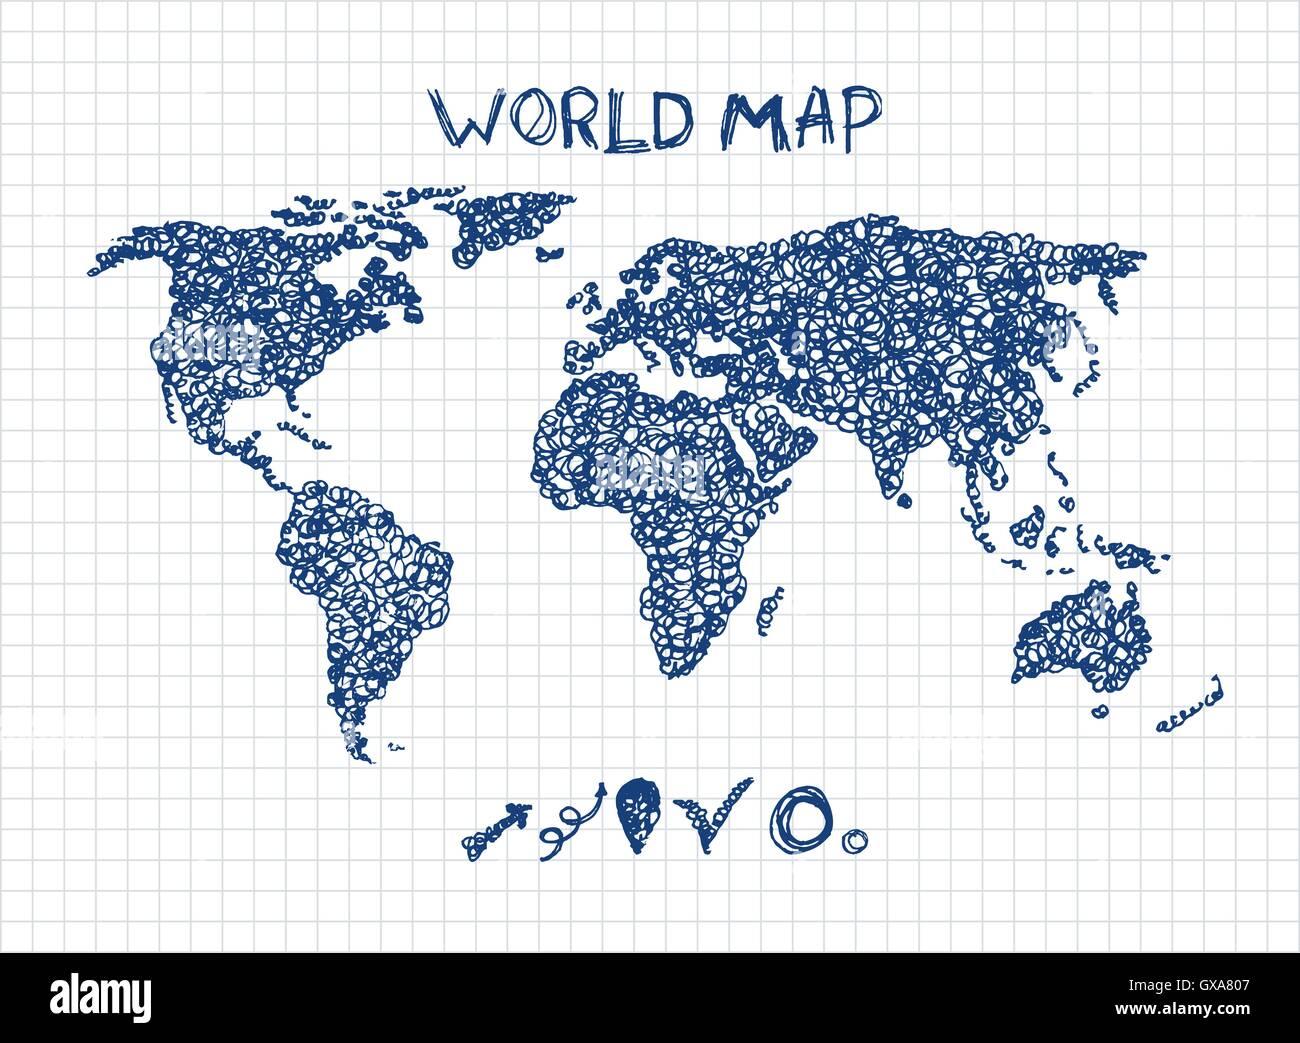 Croquis del mapa del mundo. Mapa de viaje elegante dibujados a mano ...